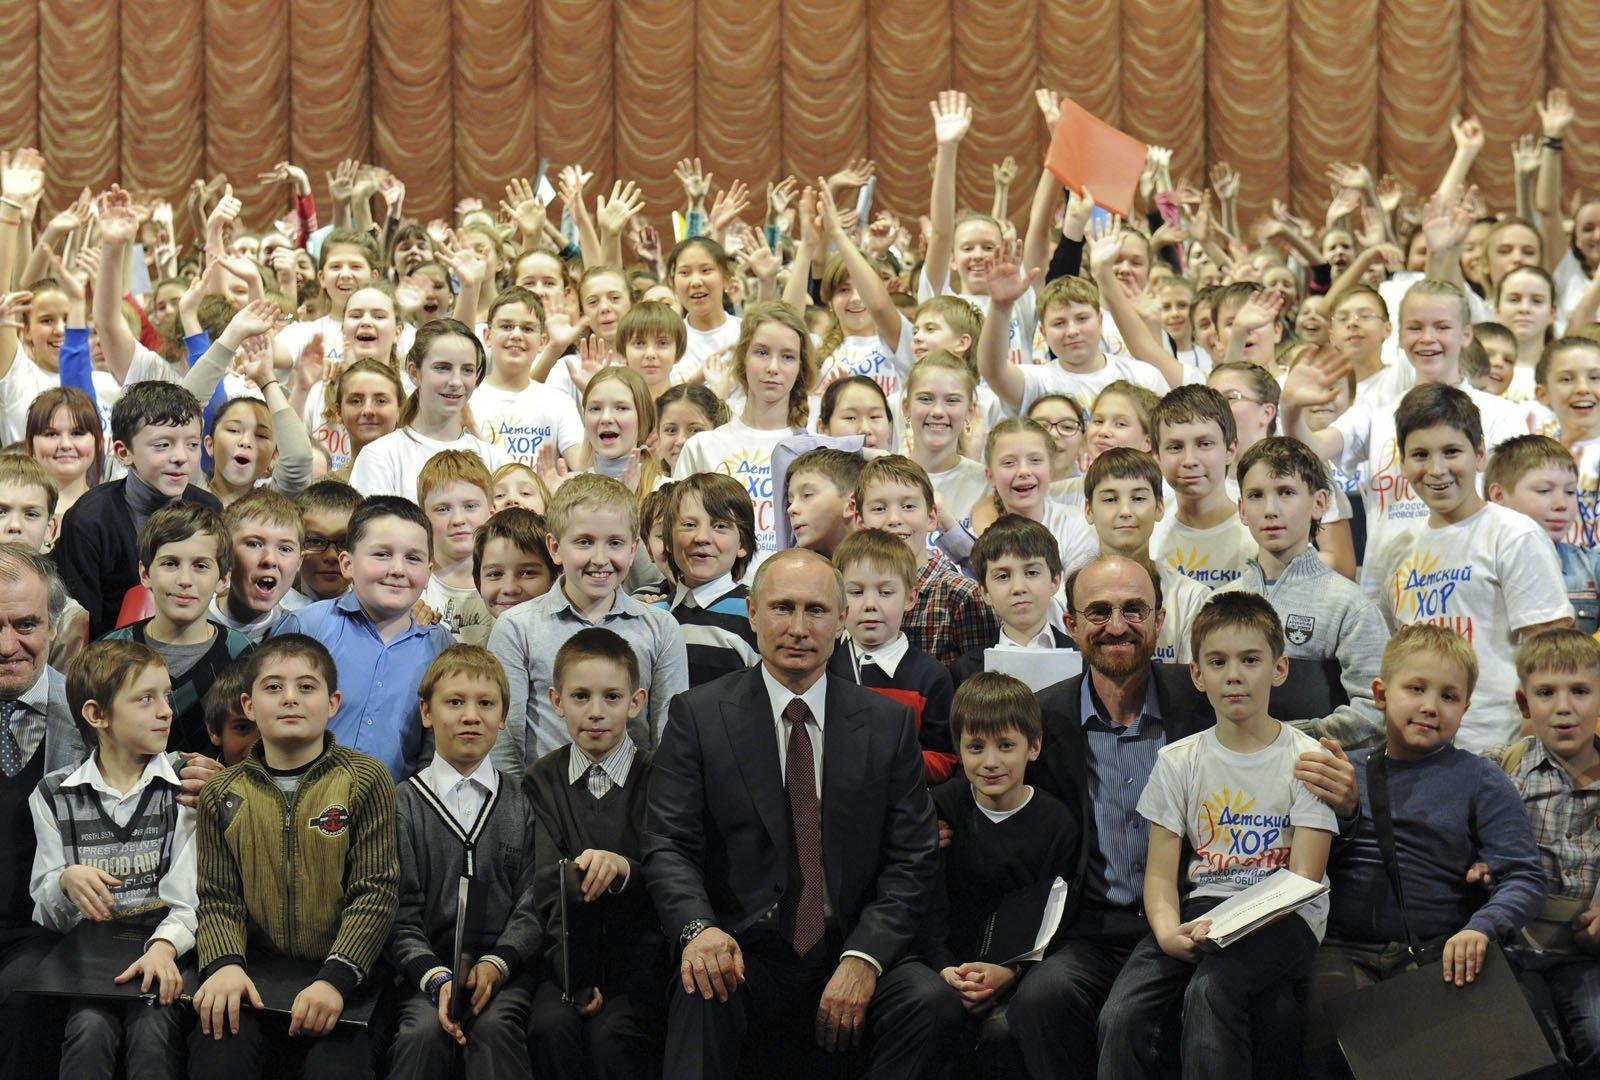 детский хор россии олимпиада в сочи 2014 disgustingmen